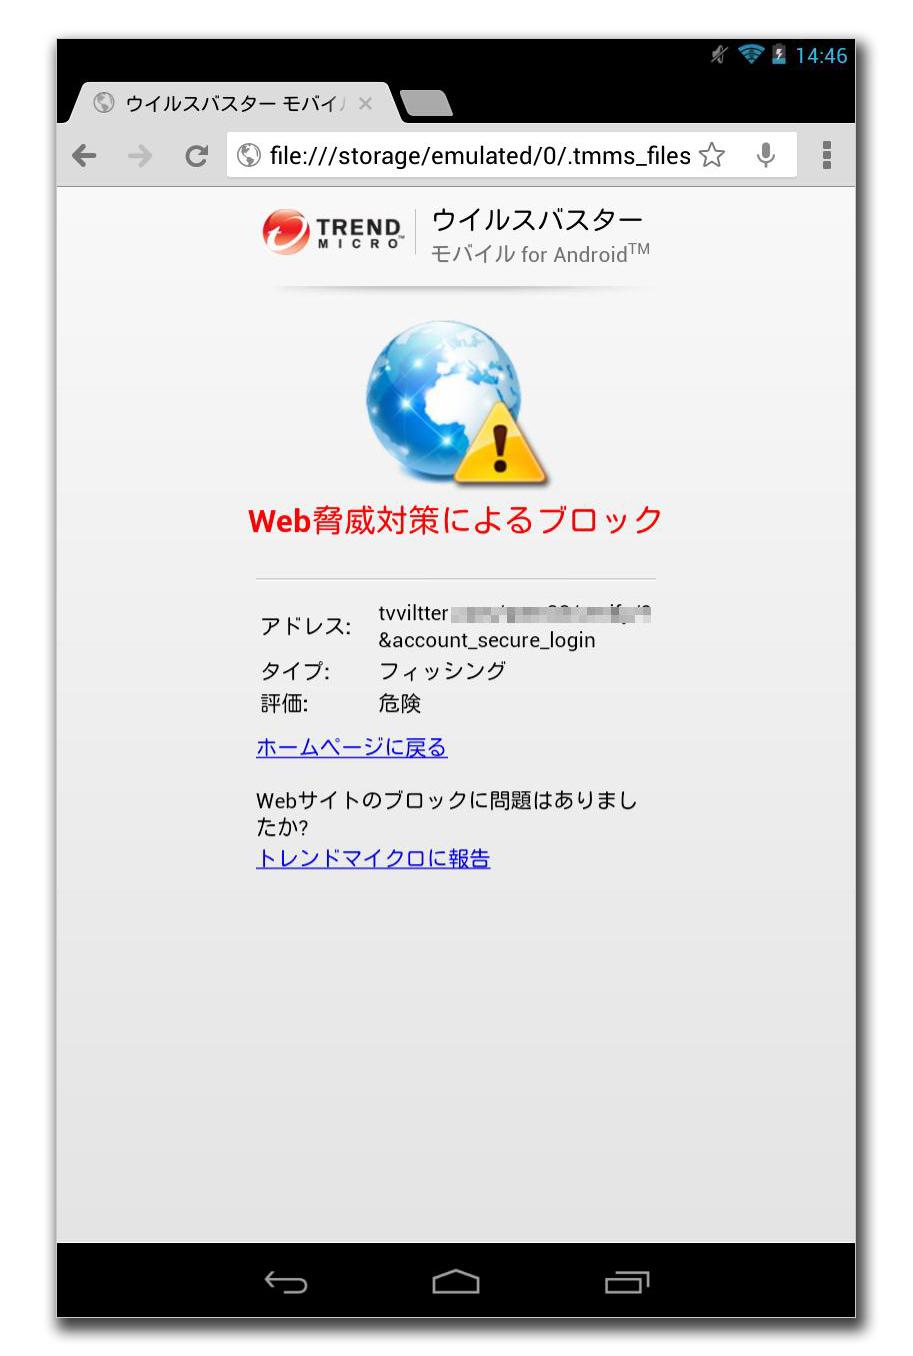 図5:Web レピュテーションによるフィッシング詐欺サイトのブロック画面例